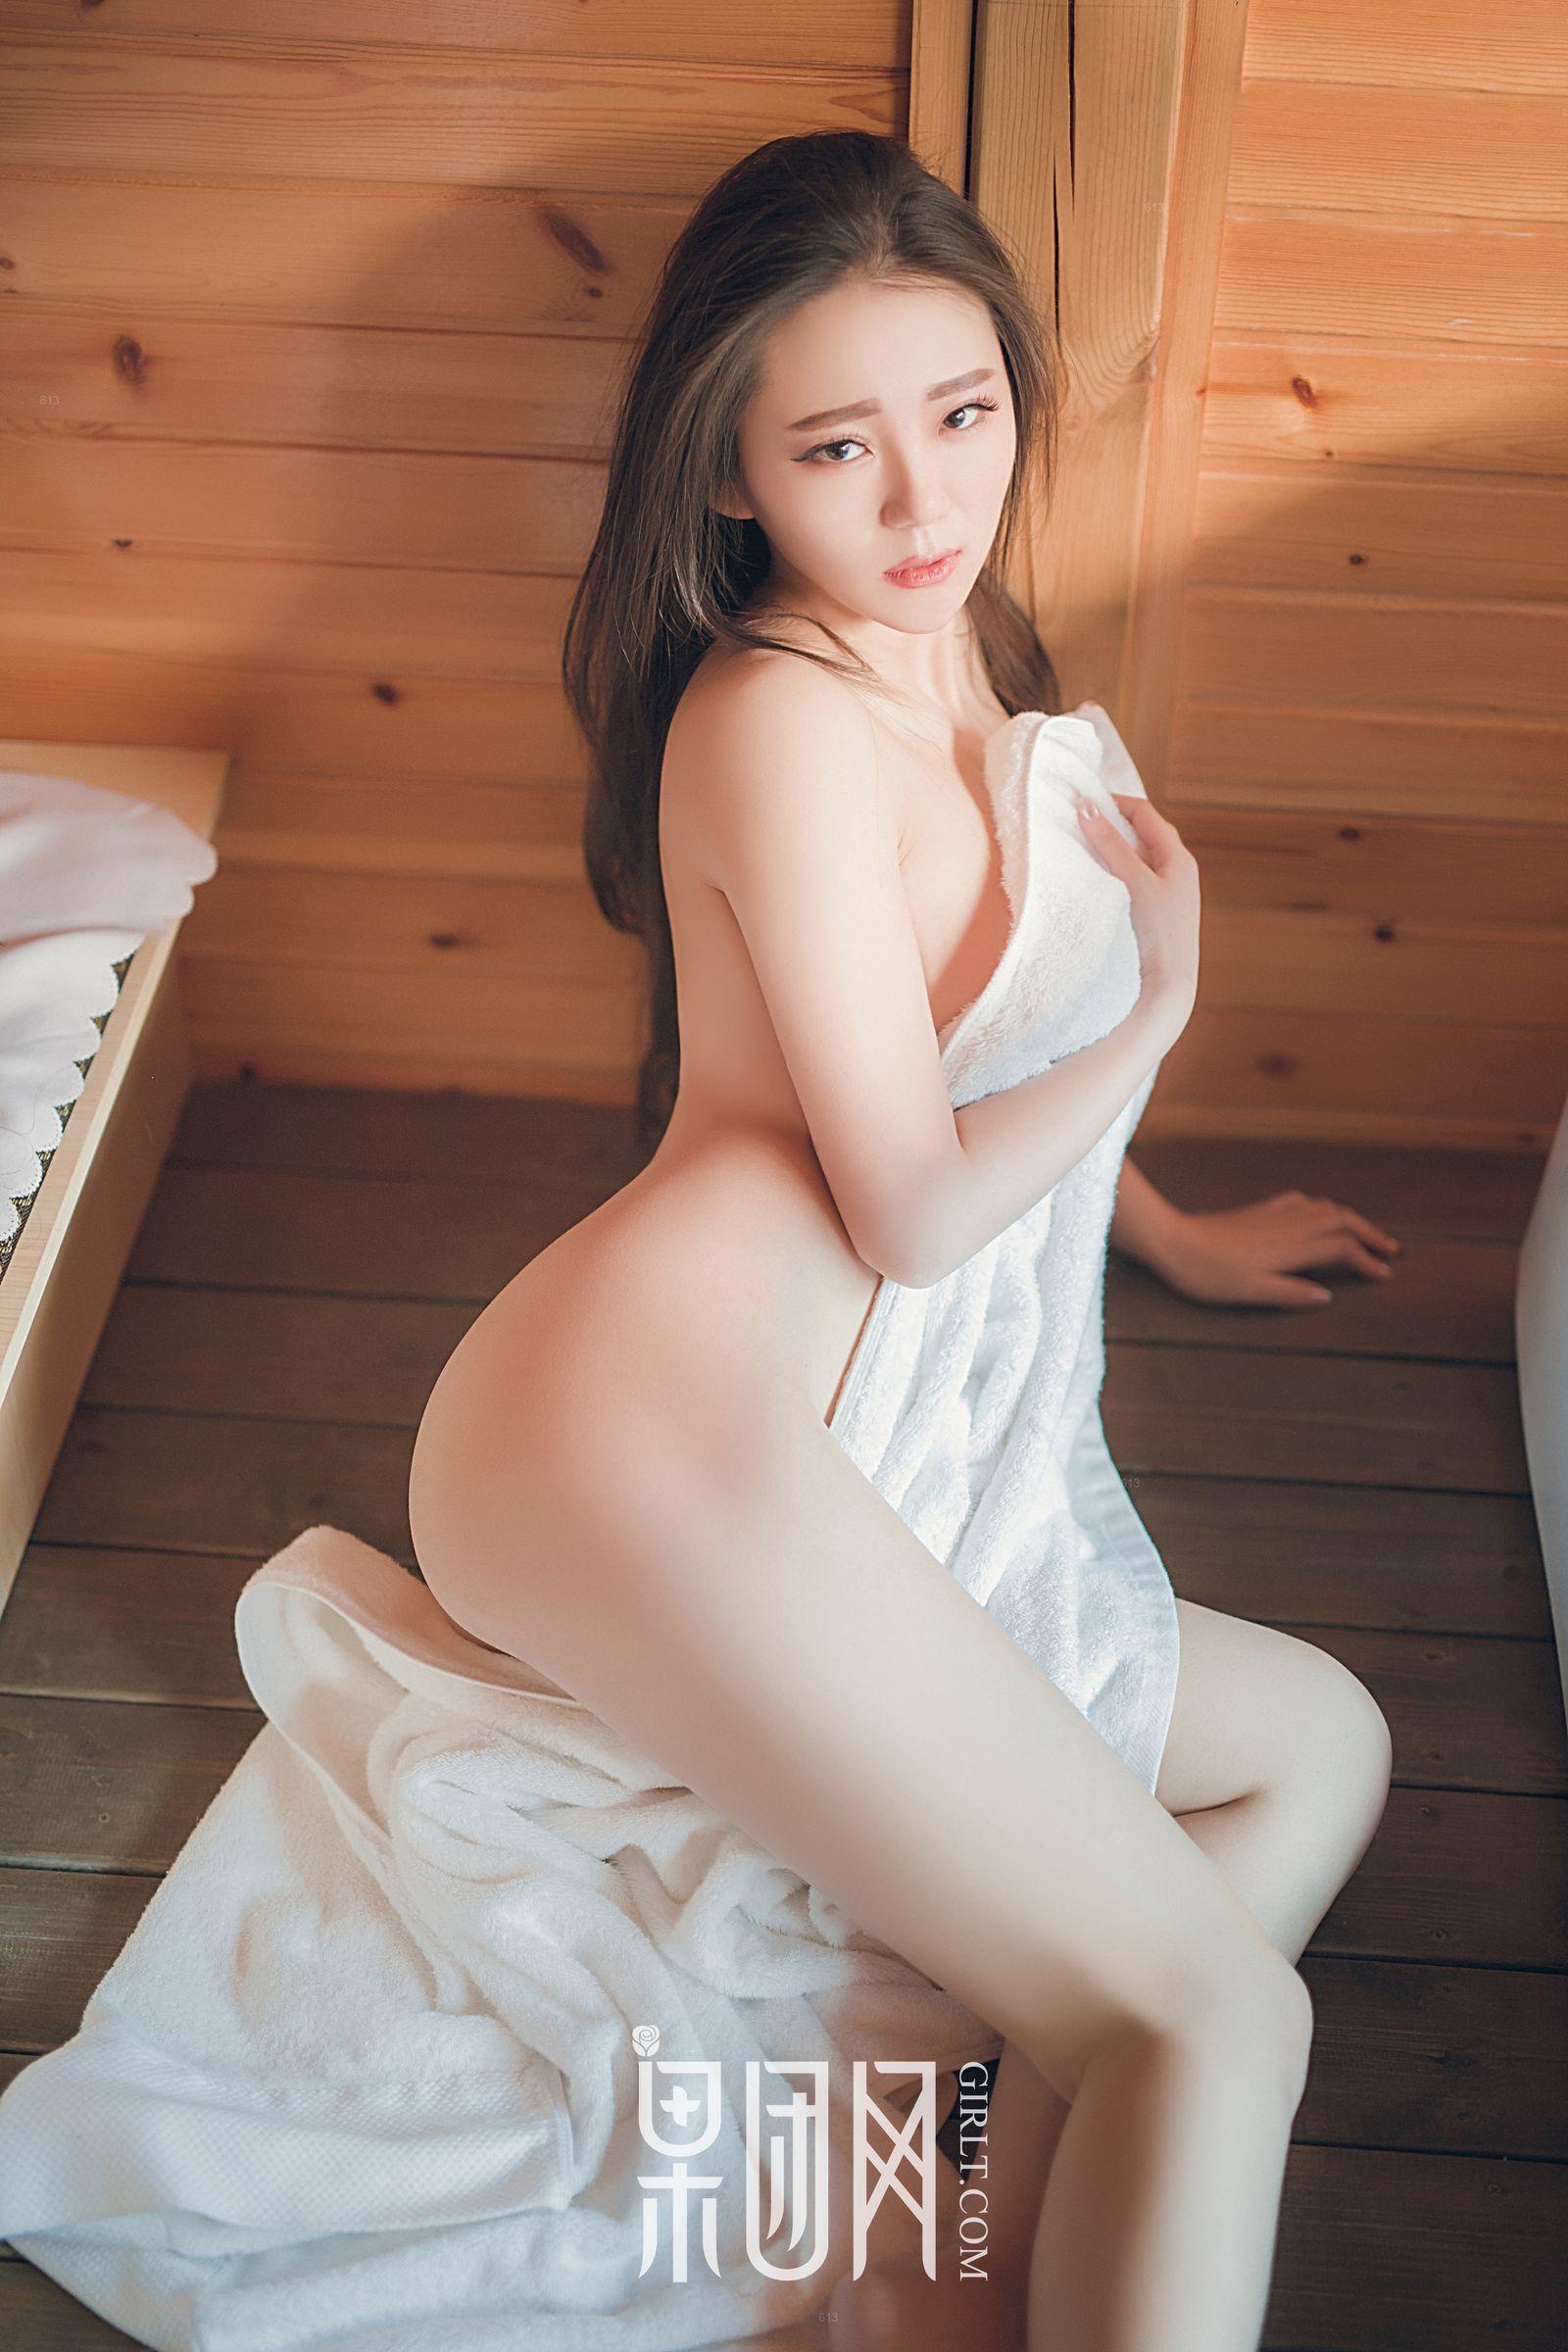 莫雅琪 - 真空上阵 铁索SM尺度之最!